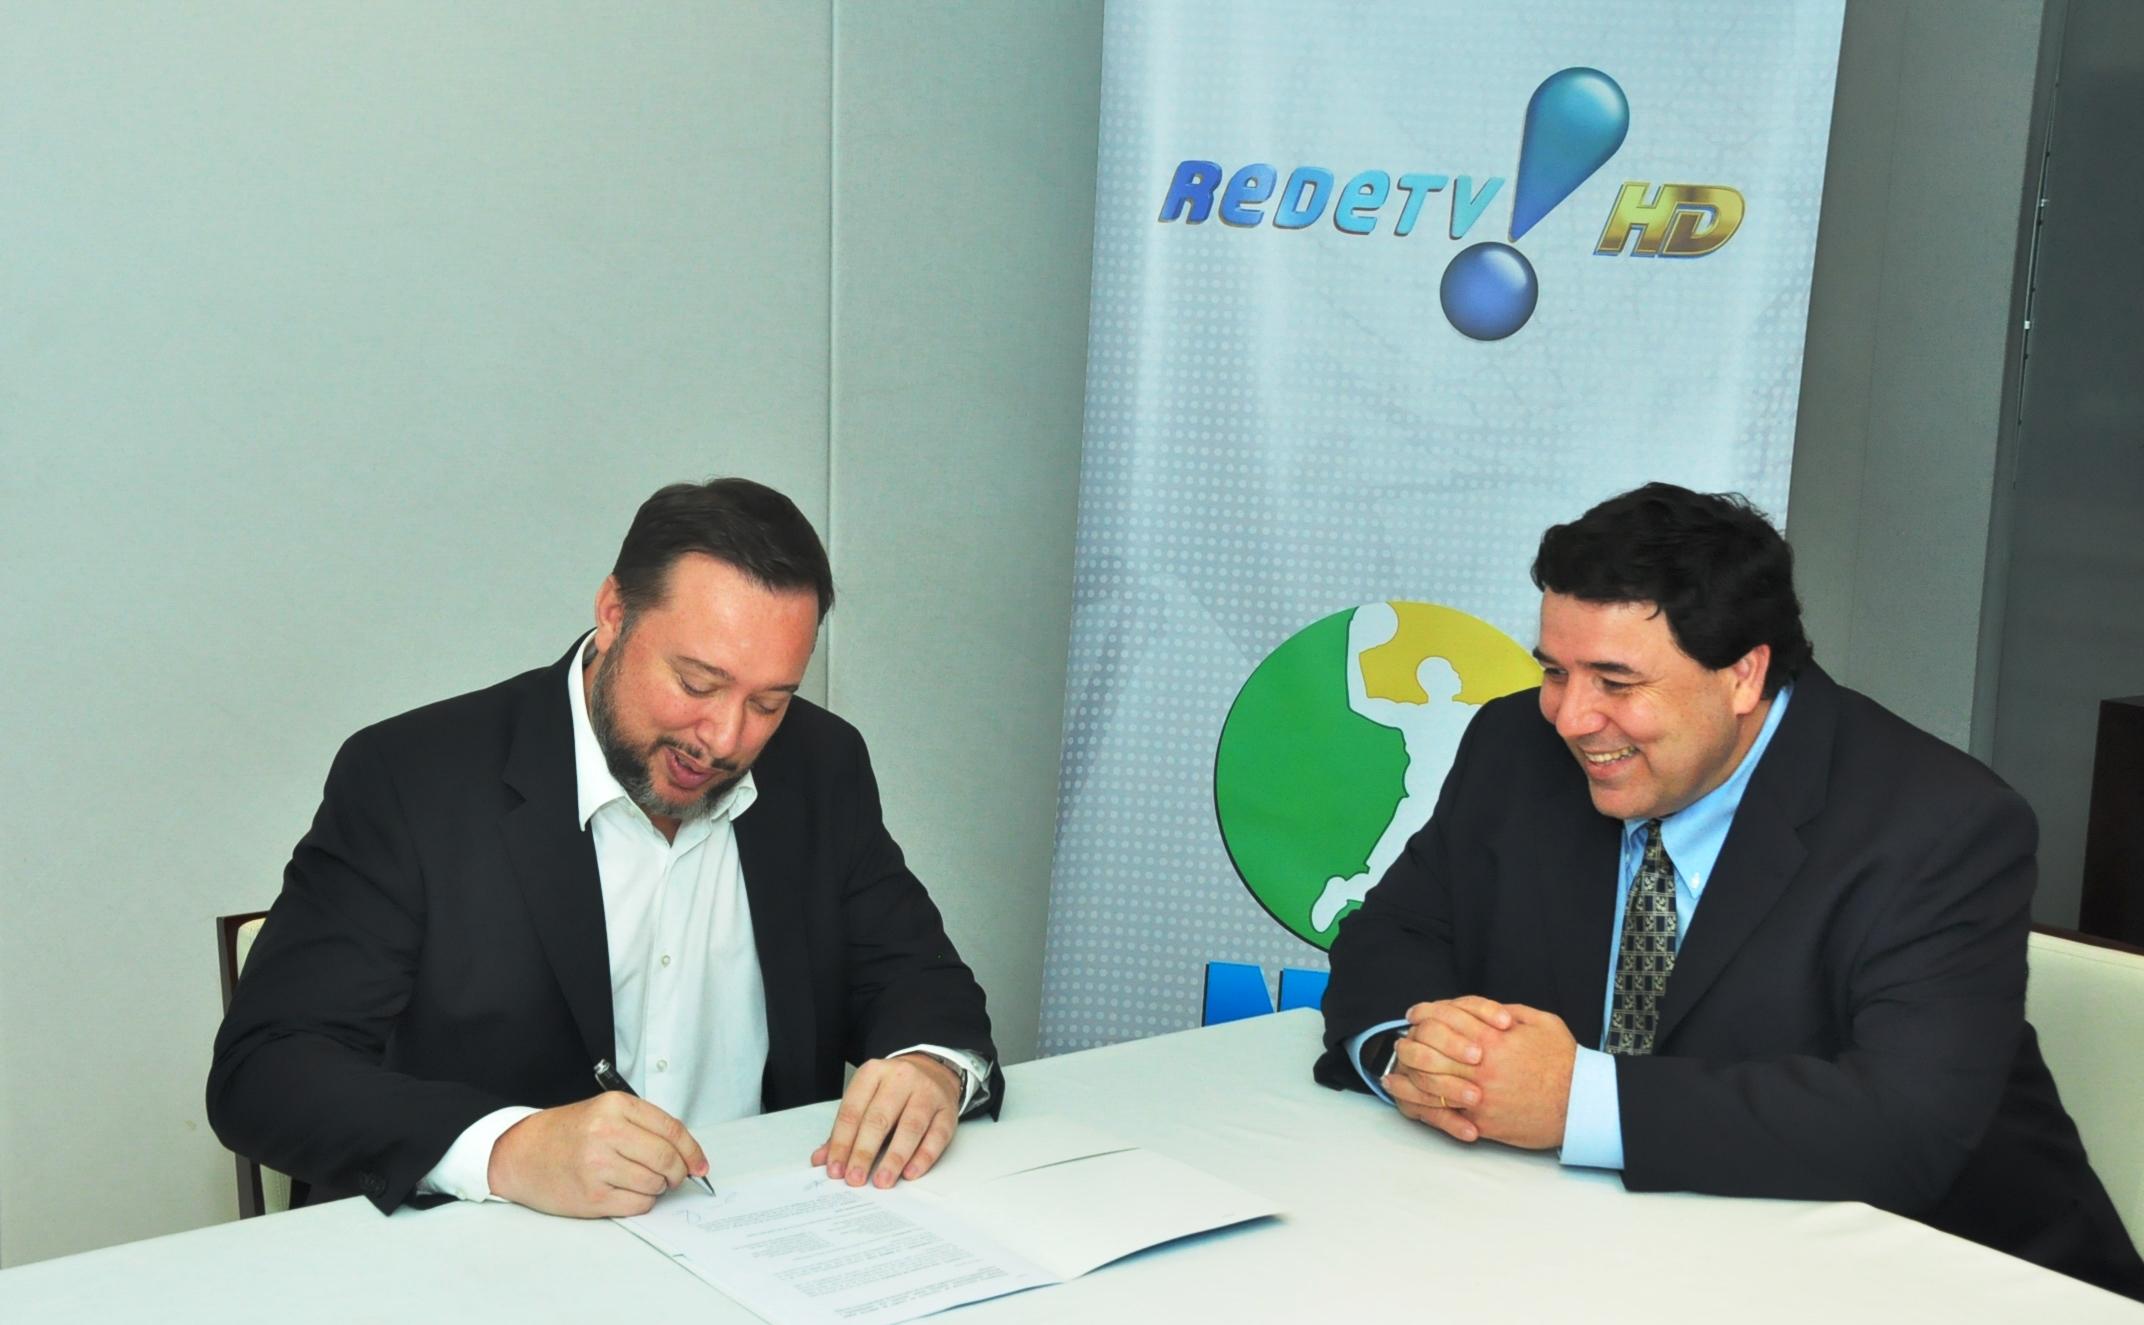 O basquete está de volta à TV aberta: LNB e RedeTV! firmaram um contrato de 2 anos  (Fernanda Simão/Divulgação)